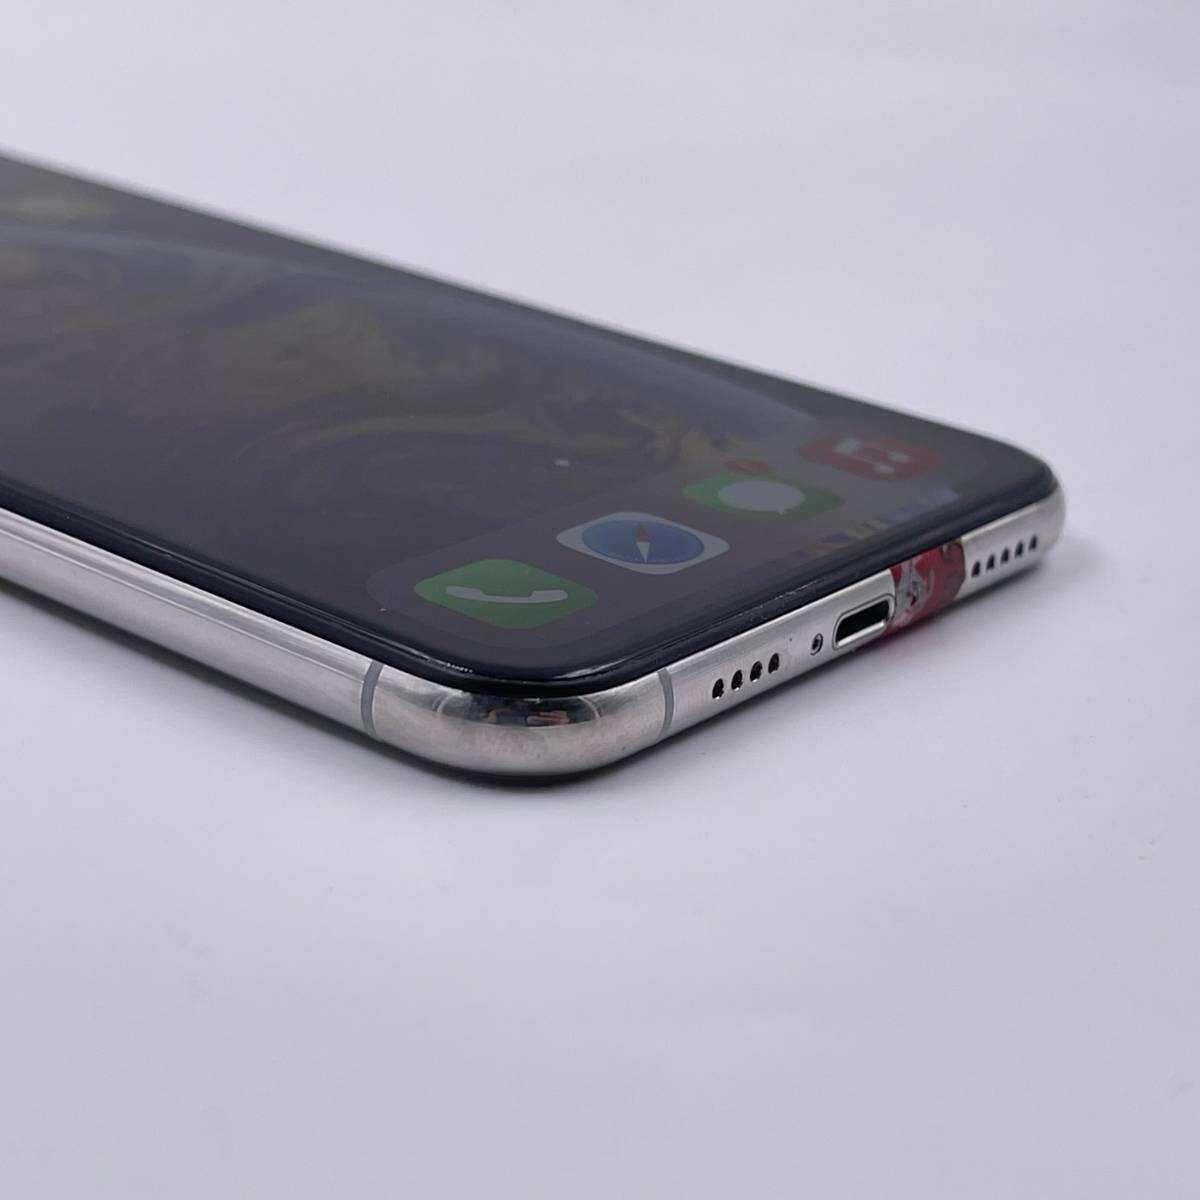 95新 苹果/iPhoneXS Max 256G 海外版 全网通4G 白色 编号5582